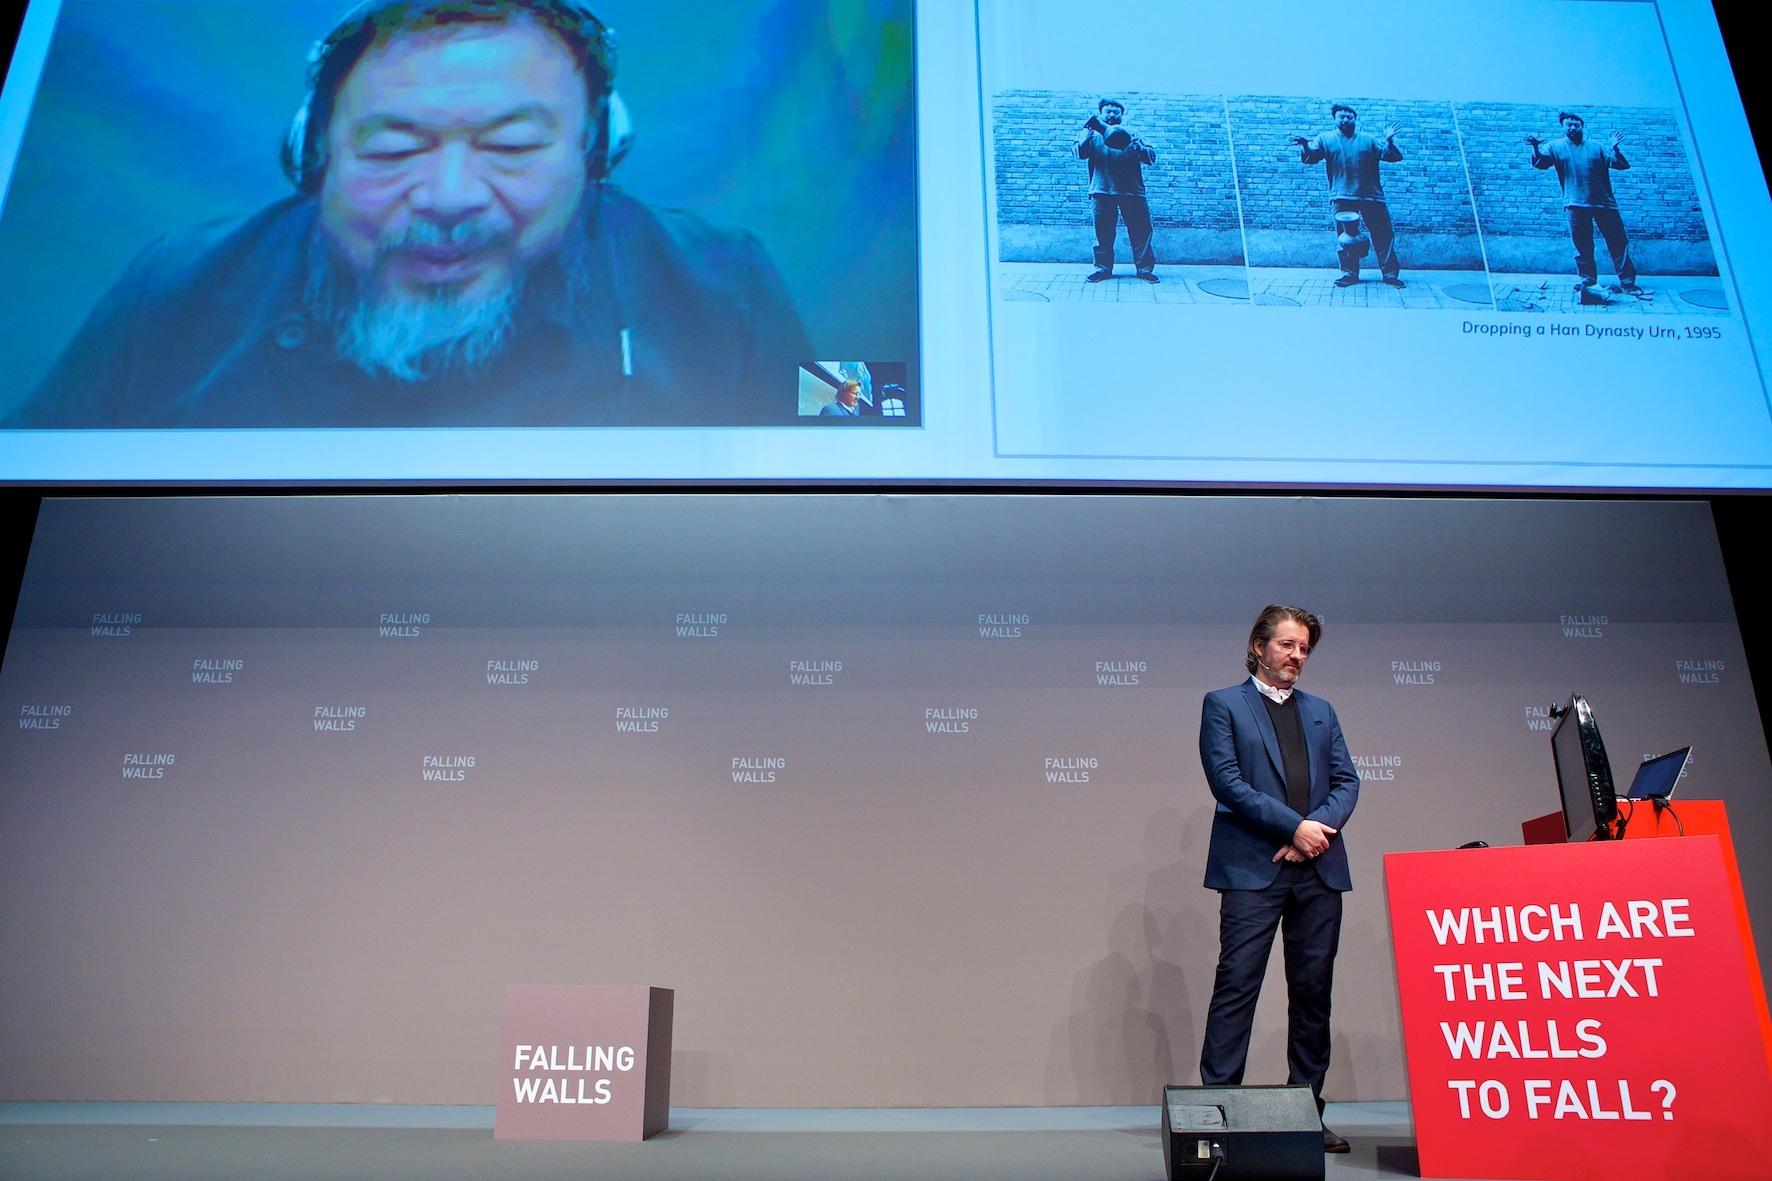 Olafur Eliasson et Ai Weiwei@lors de la conférence annuelle@de la fondation Falling Walls@à Berlin || Novembre 2013